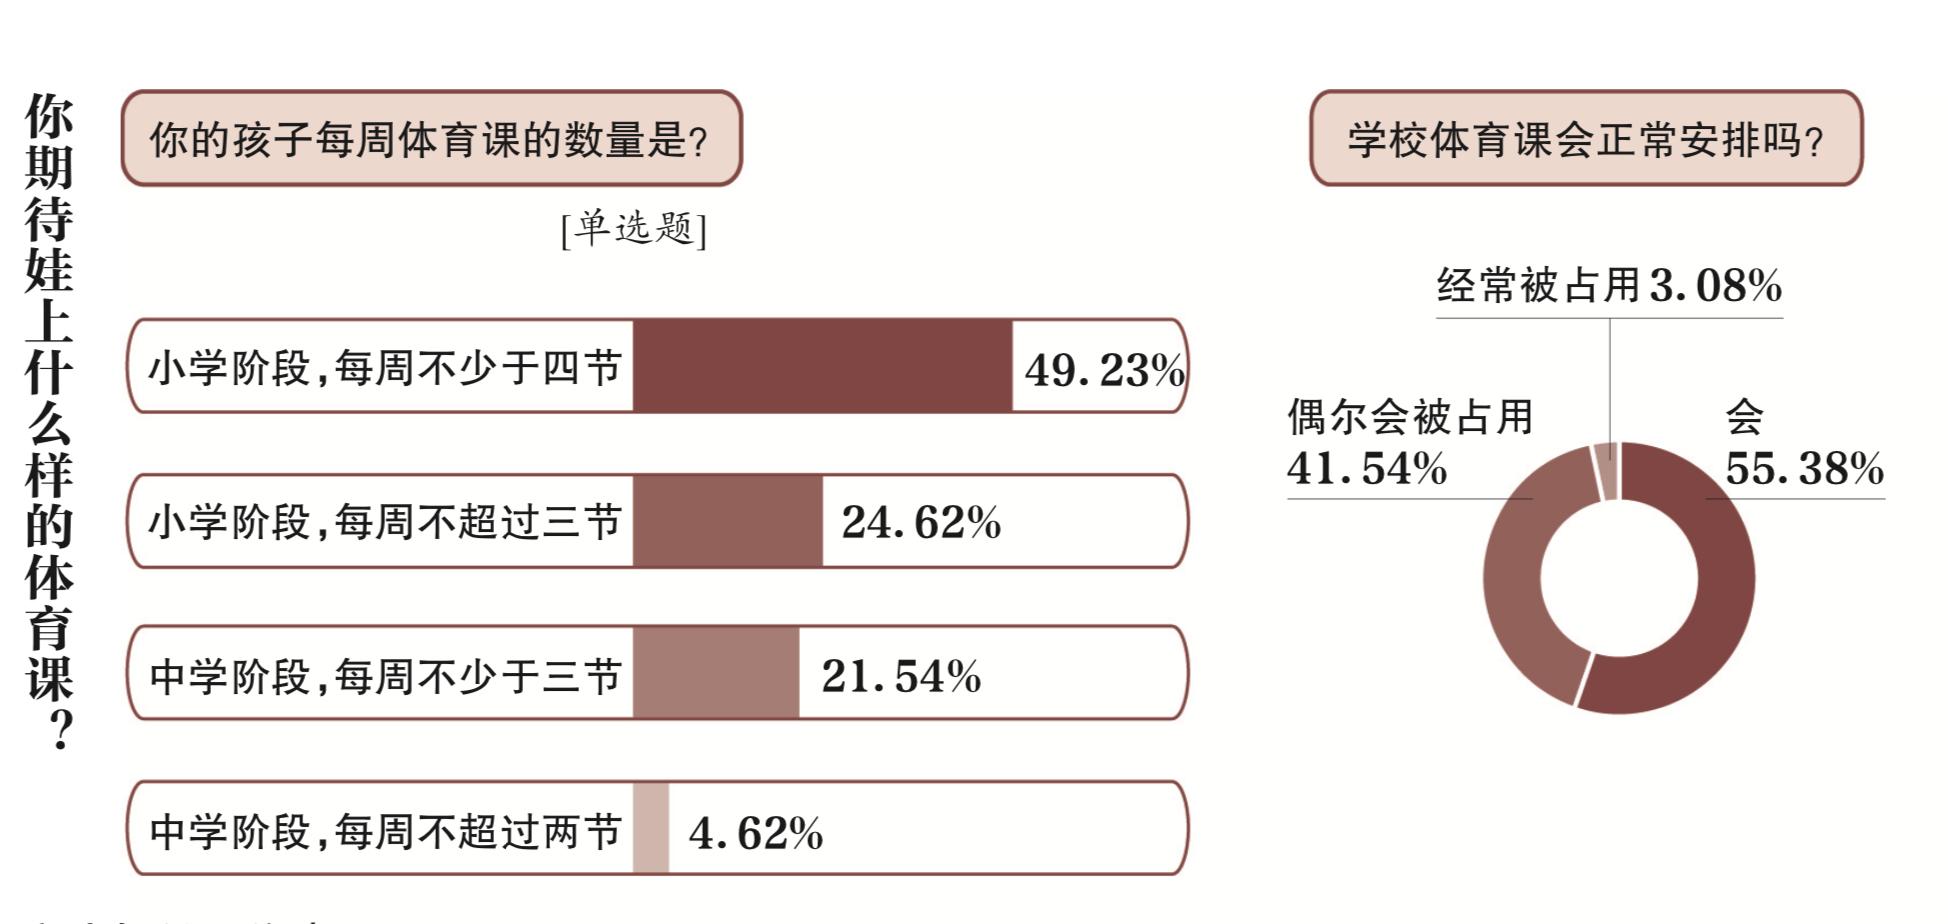 六成受访者称孩子不喜欢校内体育课 近45%受访者称体育课被占用